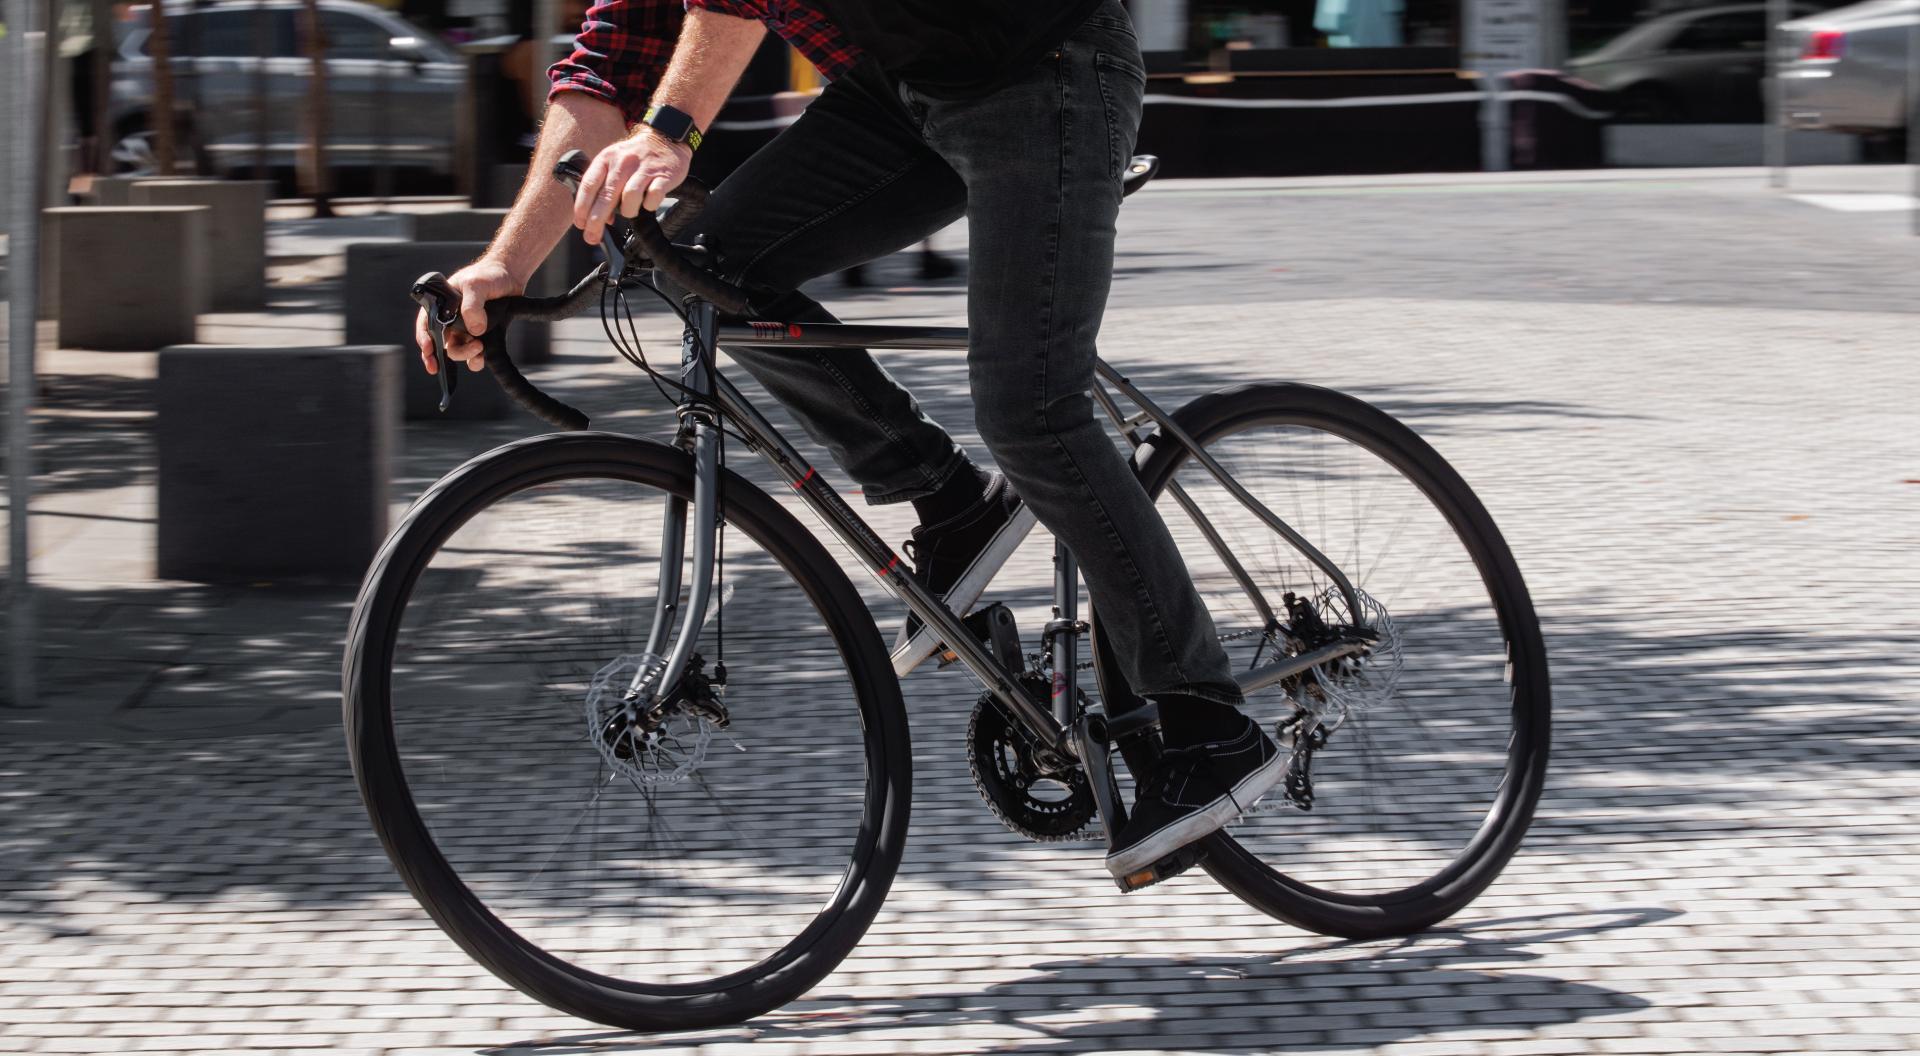 2022 Bikes have landed!